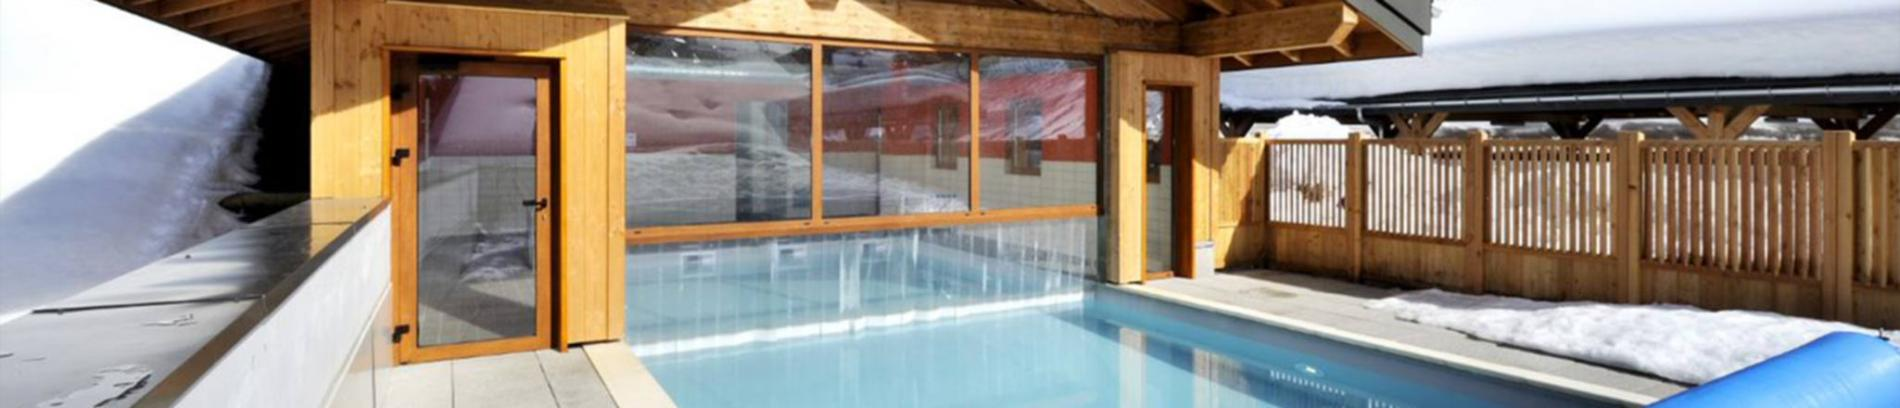 Slide la piscine extérieure de la résidence